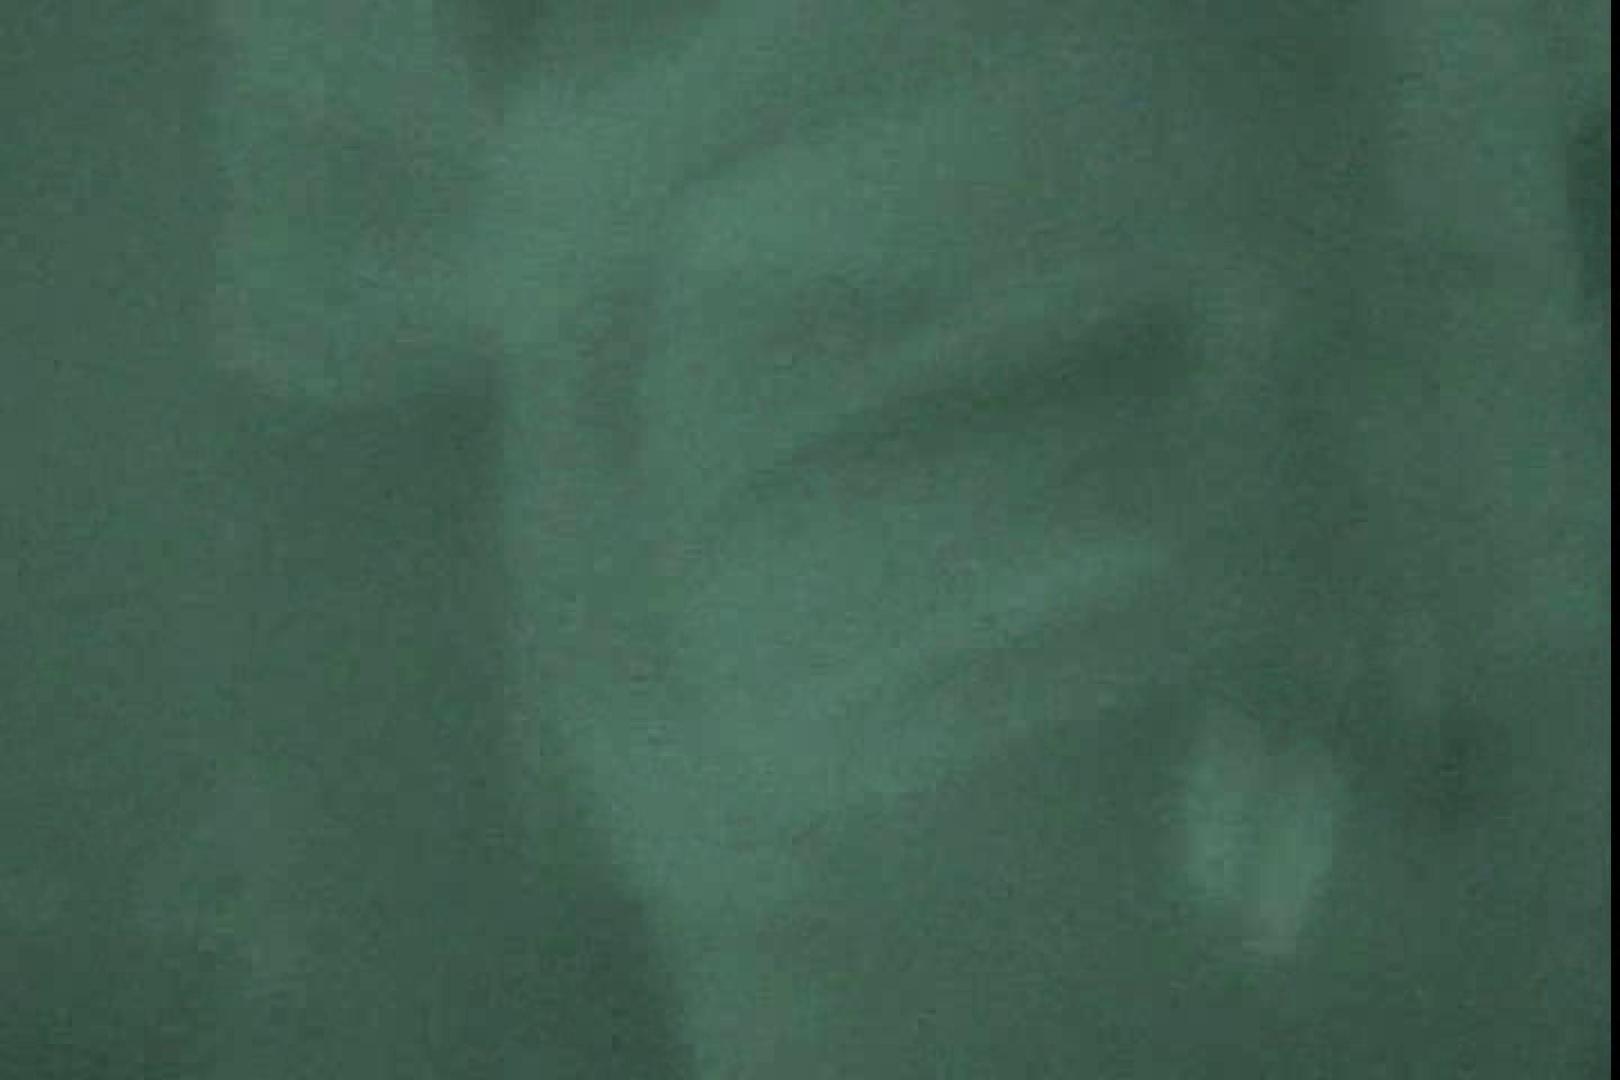 赤外線ムレスケバレー(汗) vol.11 赤外線   アスリート  95PIX 89